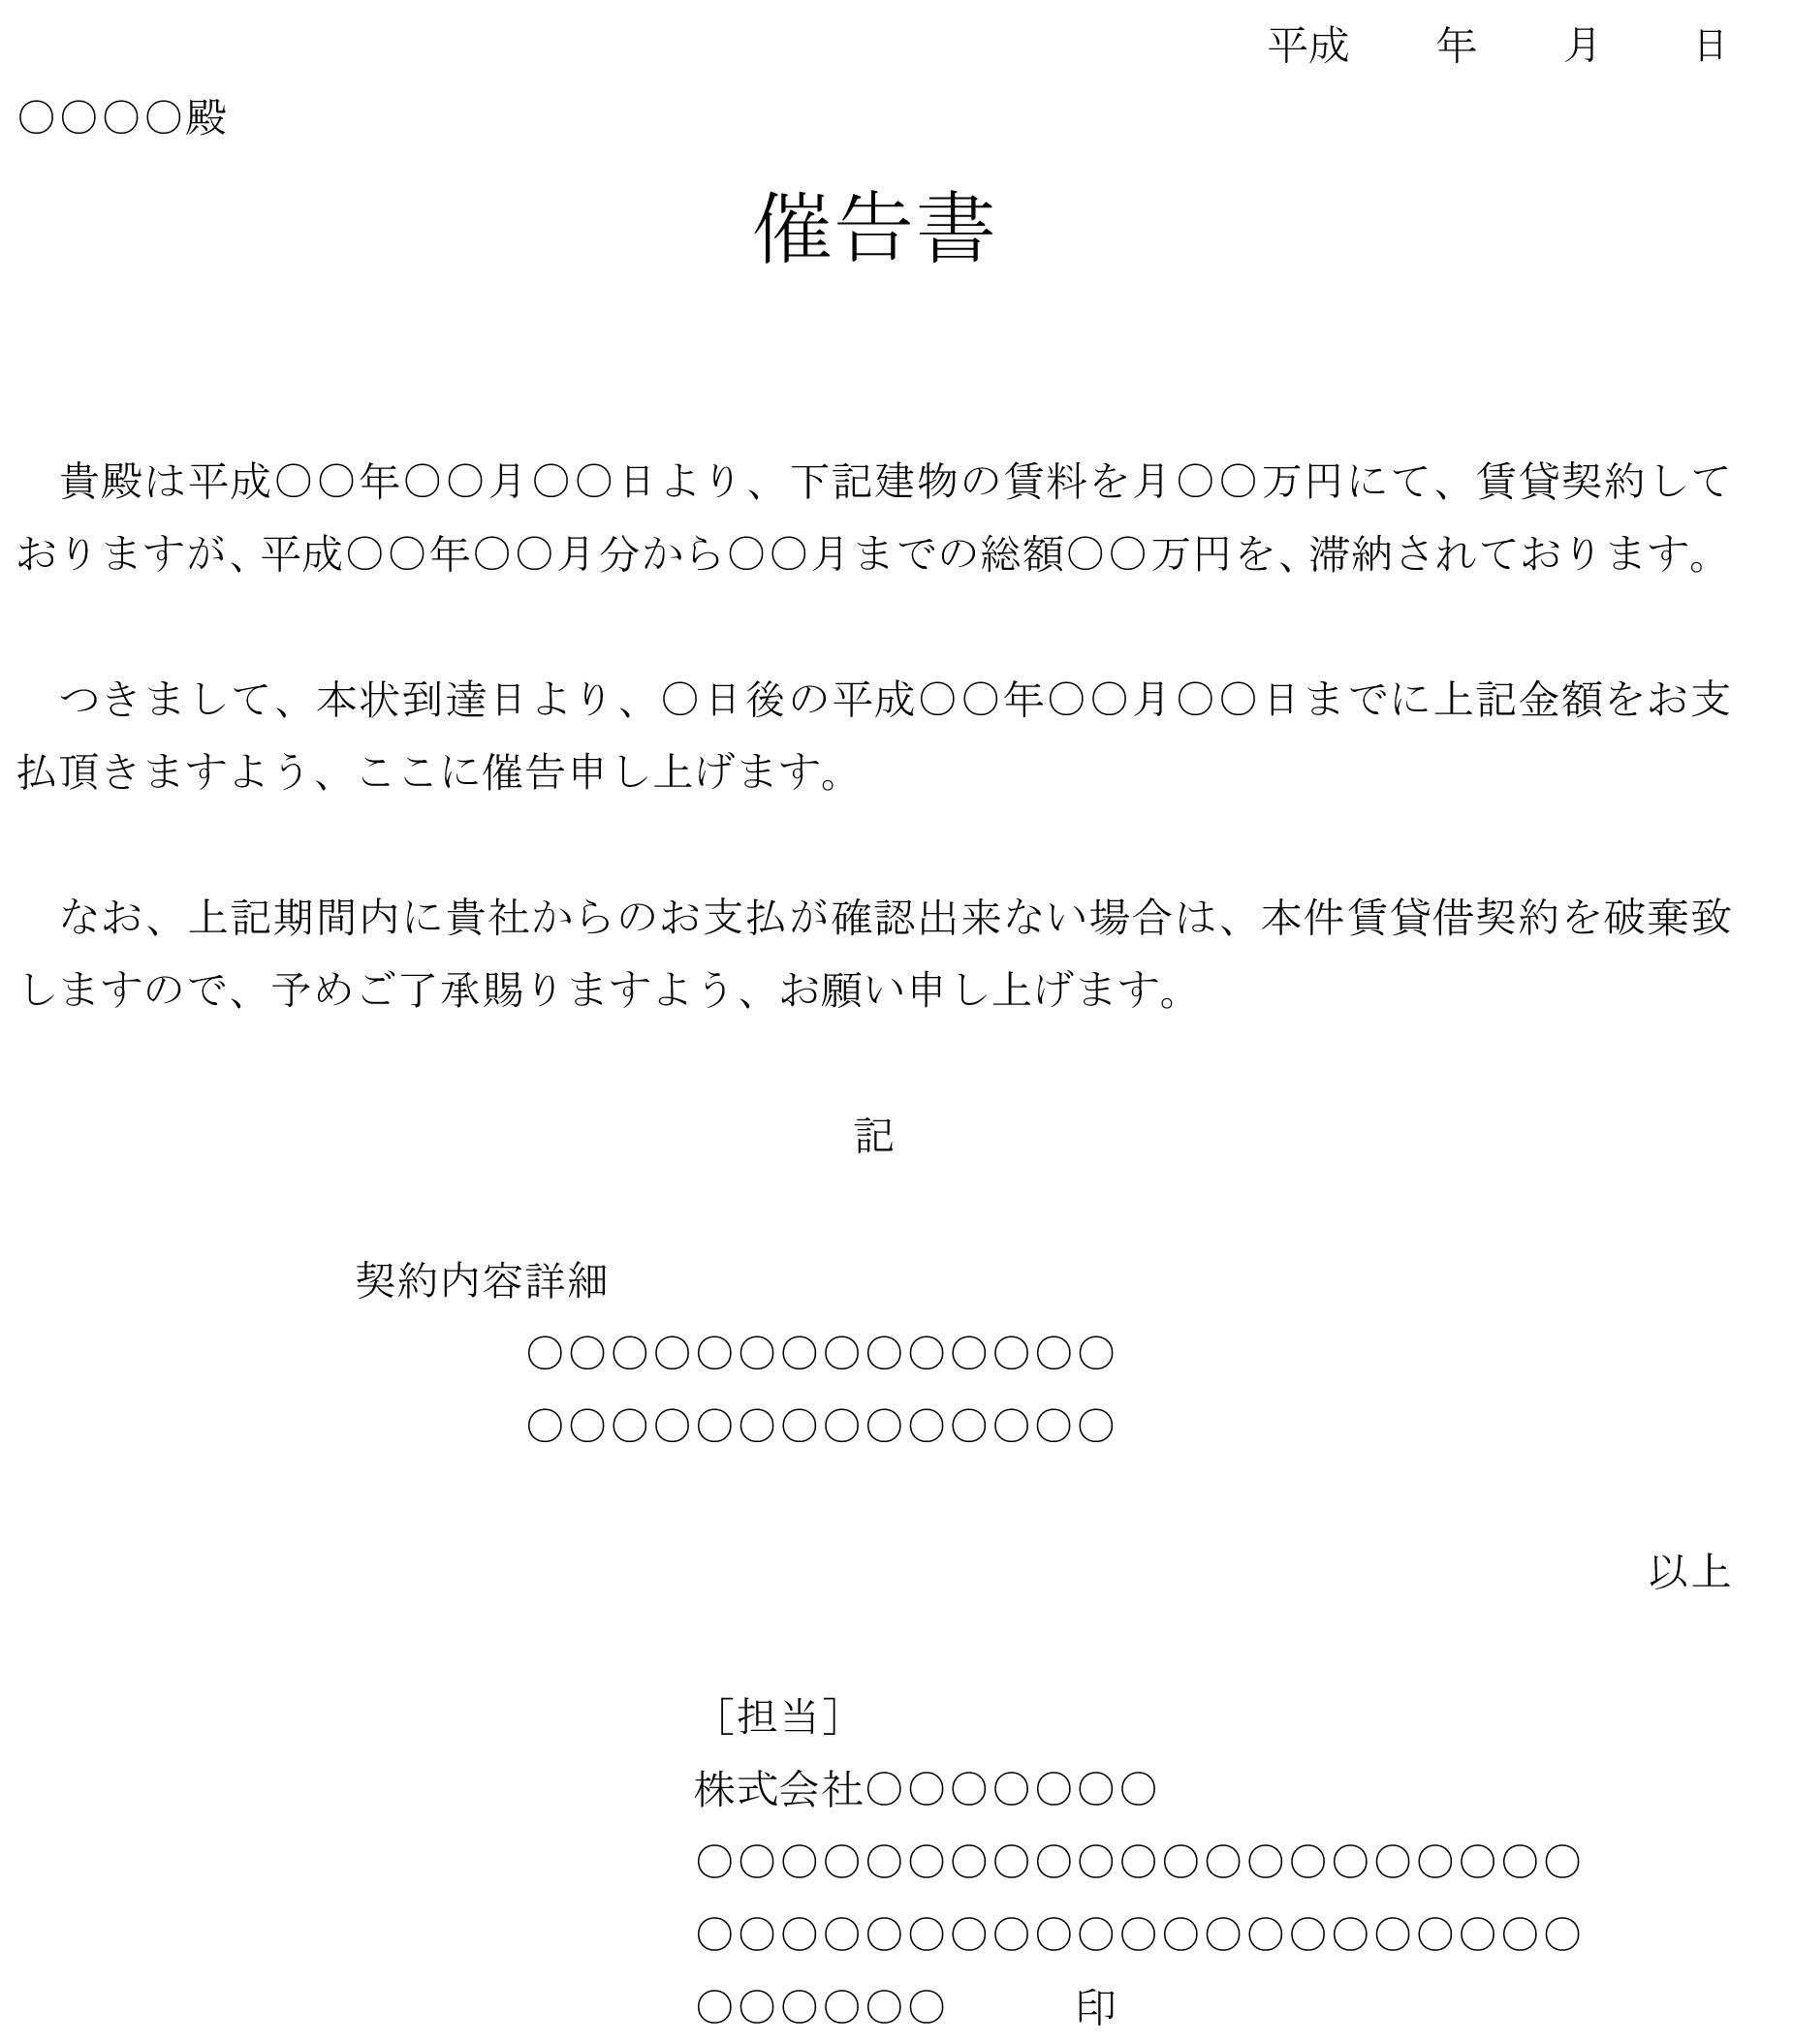 催告書(建物賃料)02